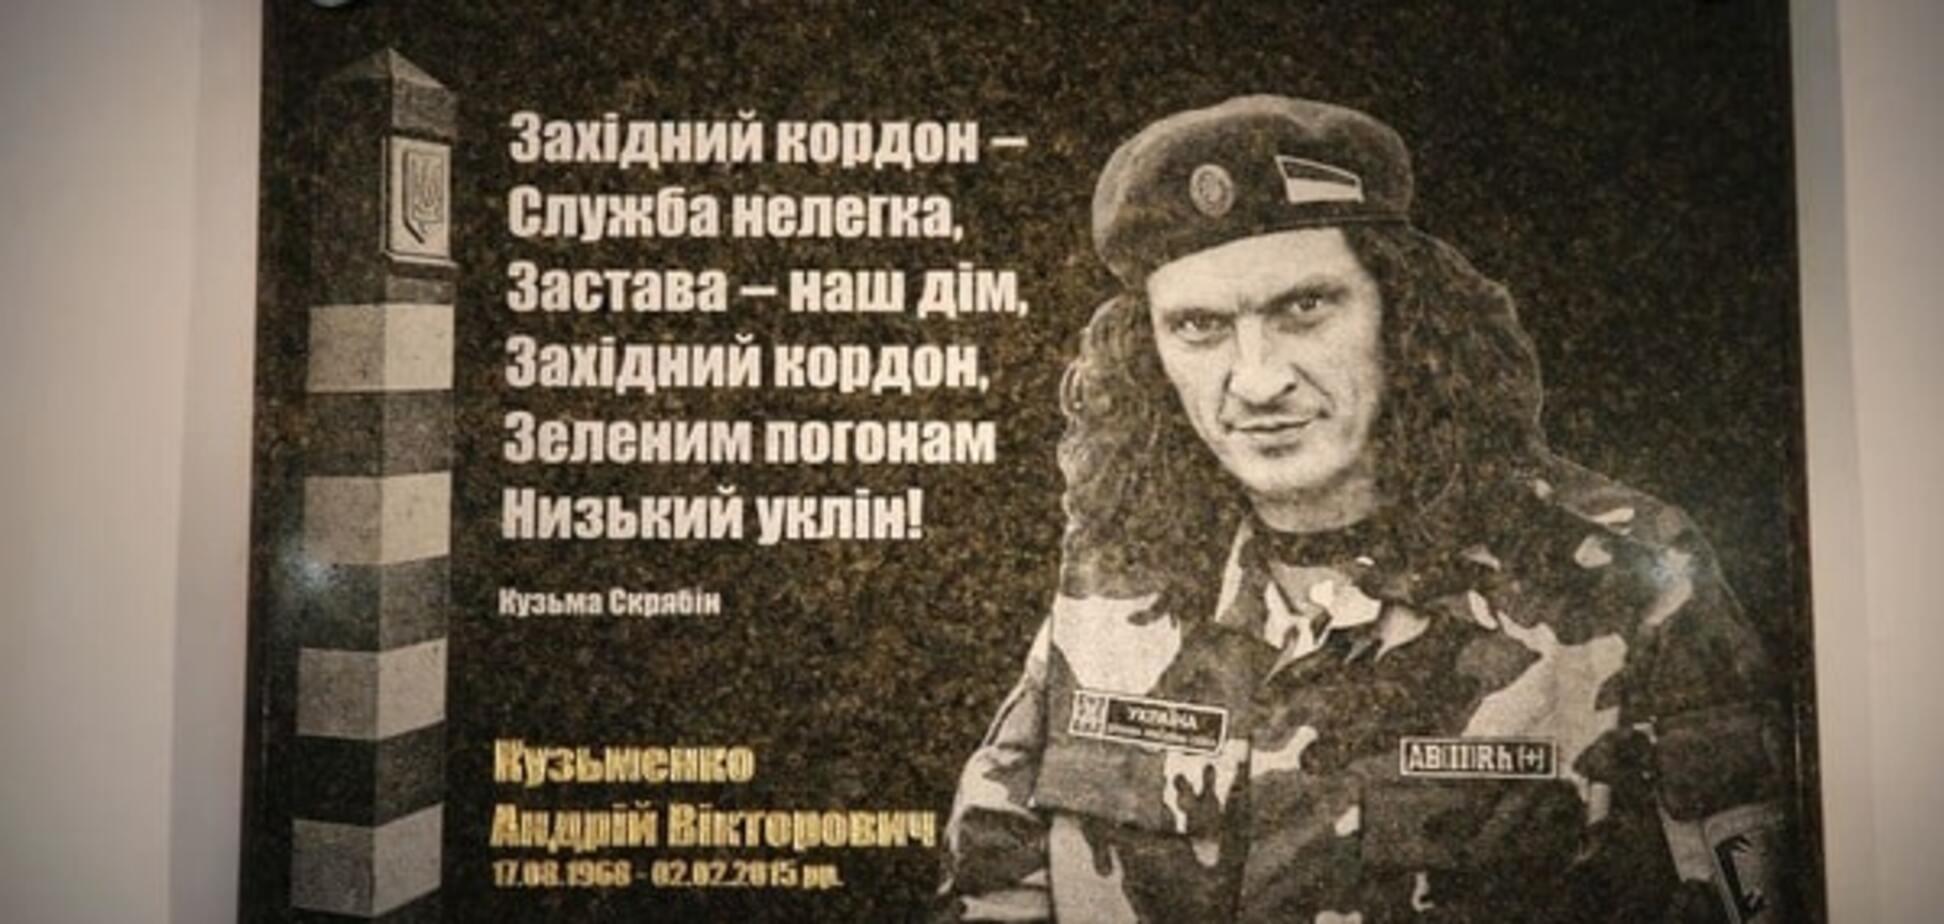 Во Львове открыли мемориальную доску Кузьме Скрябину: опубликованы фото и видео